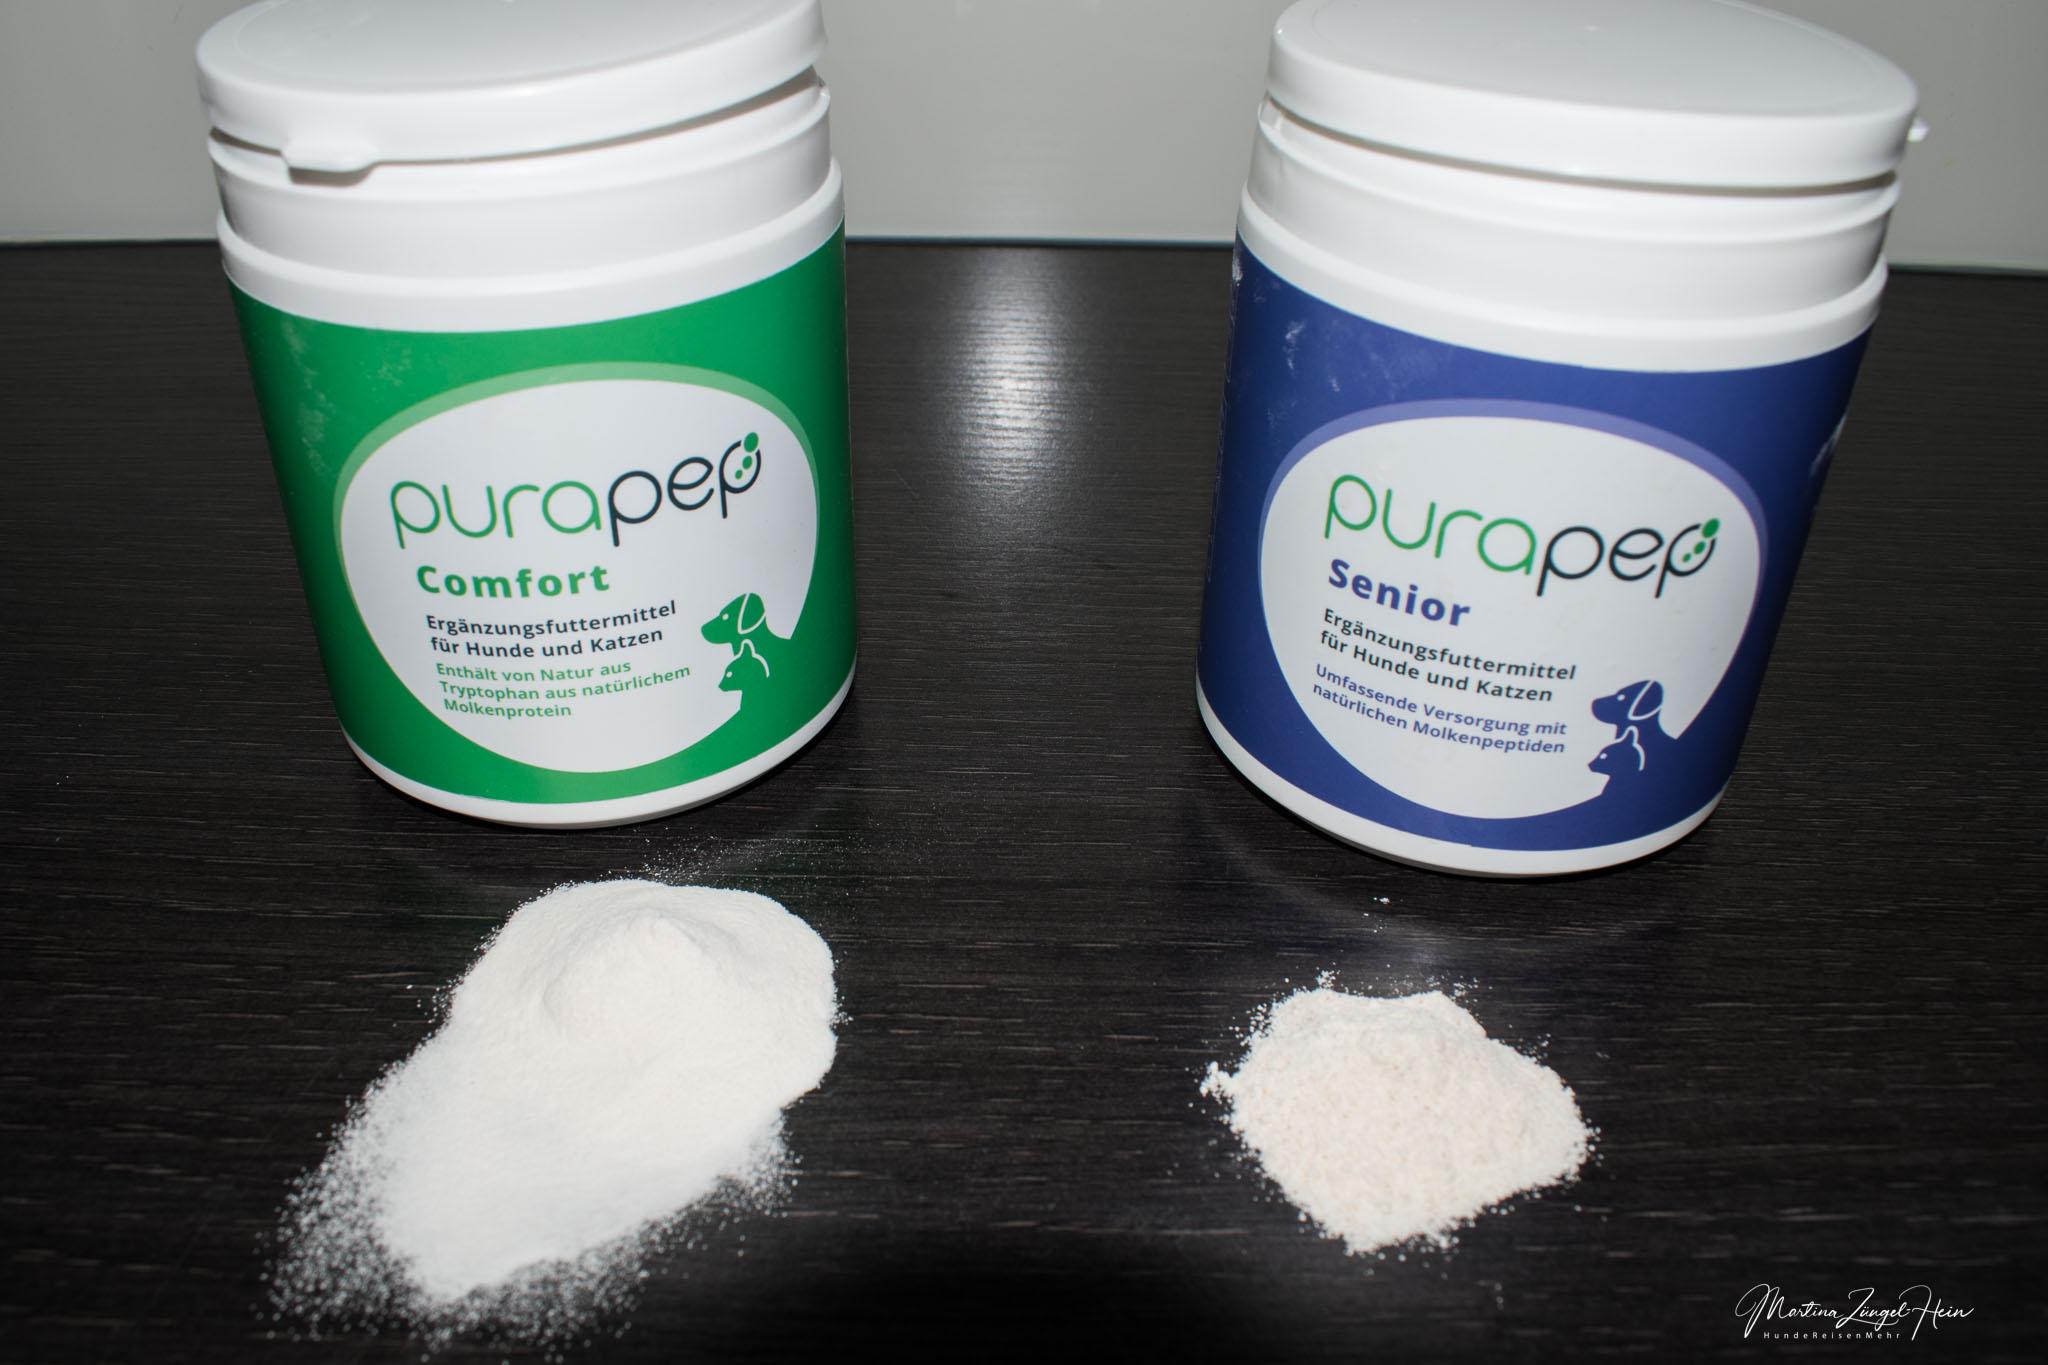 Während purapep Comfort in der Konsistenz sehr pudrig ist, ist purapep Senior etwas körniger